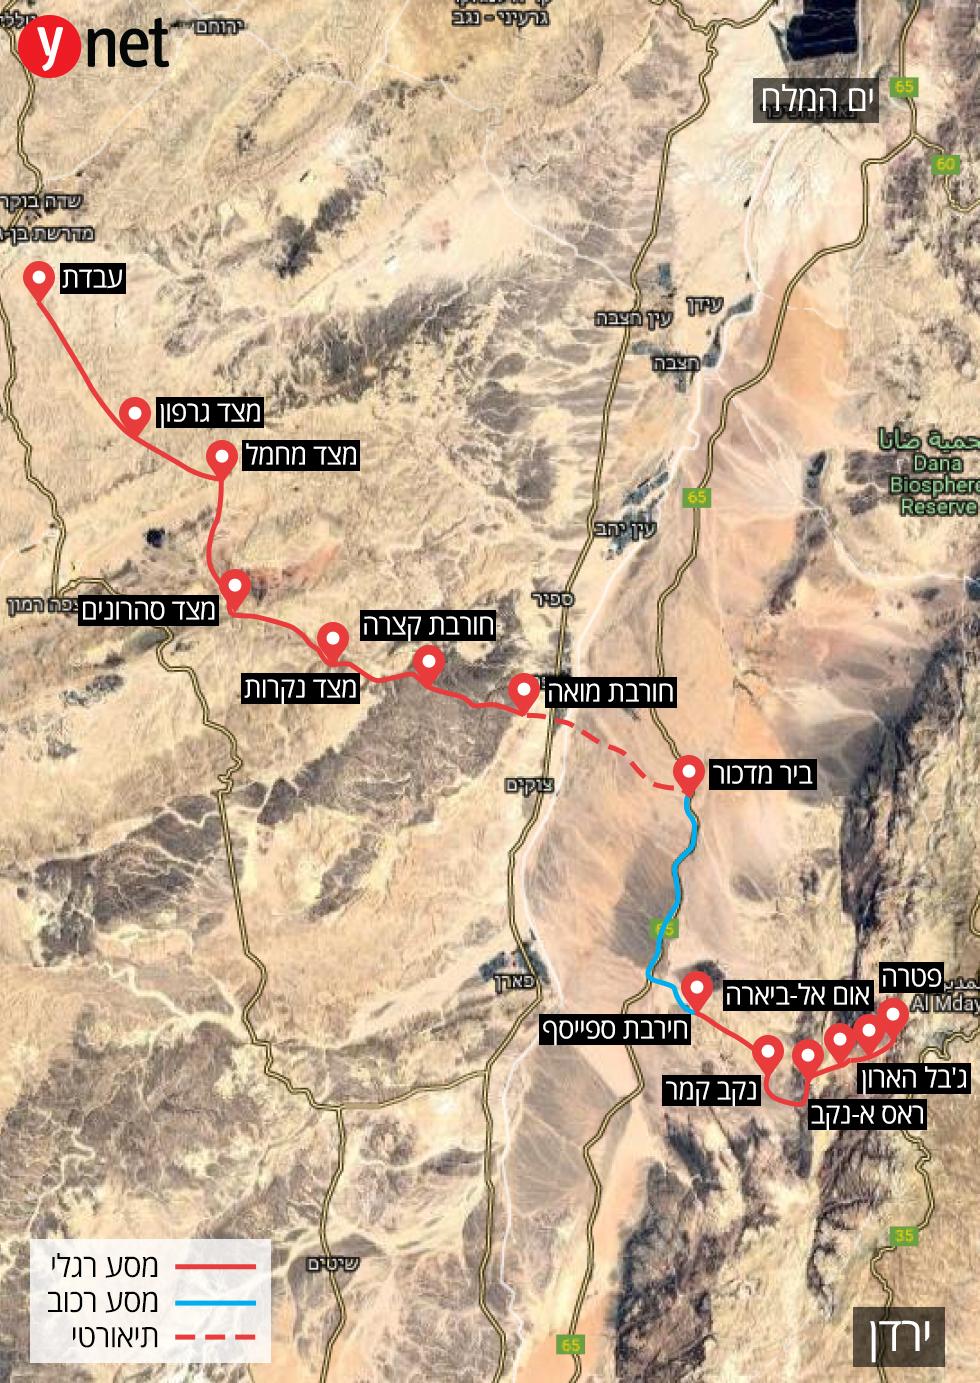 מפת המסלול במסע שנערך לפני שנה ()